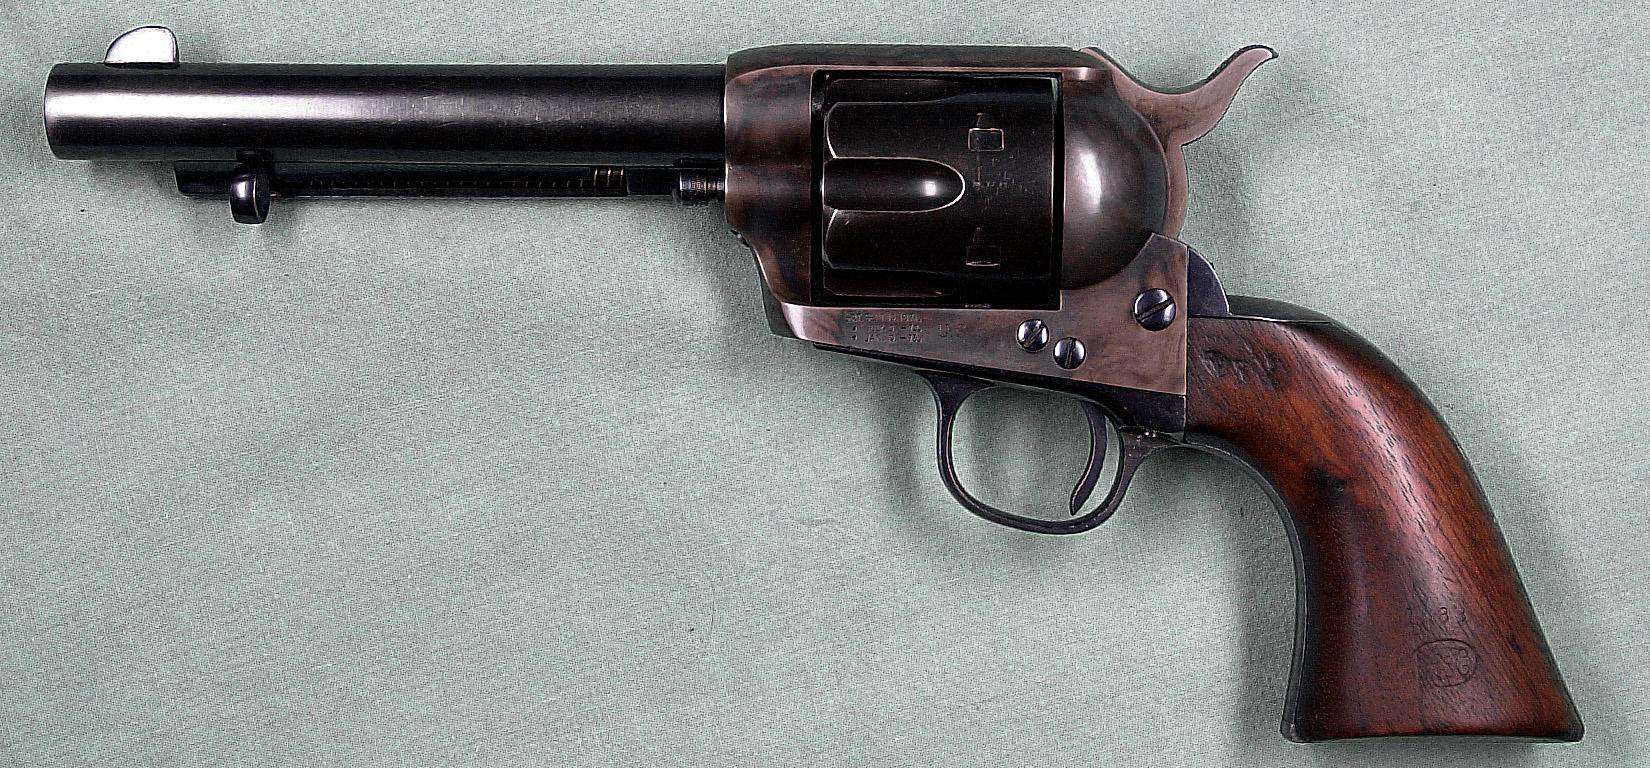 Colt Revolver 1873 Colt Model 1873 u s